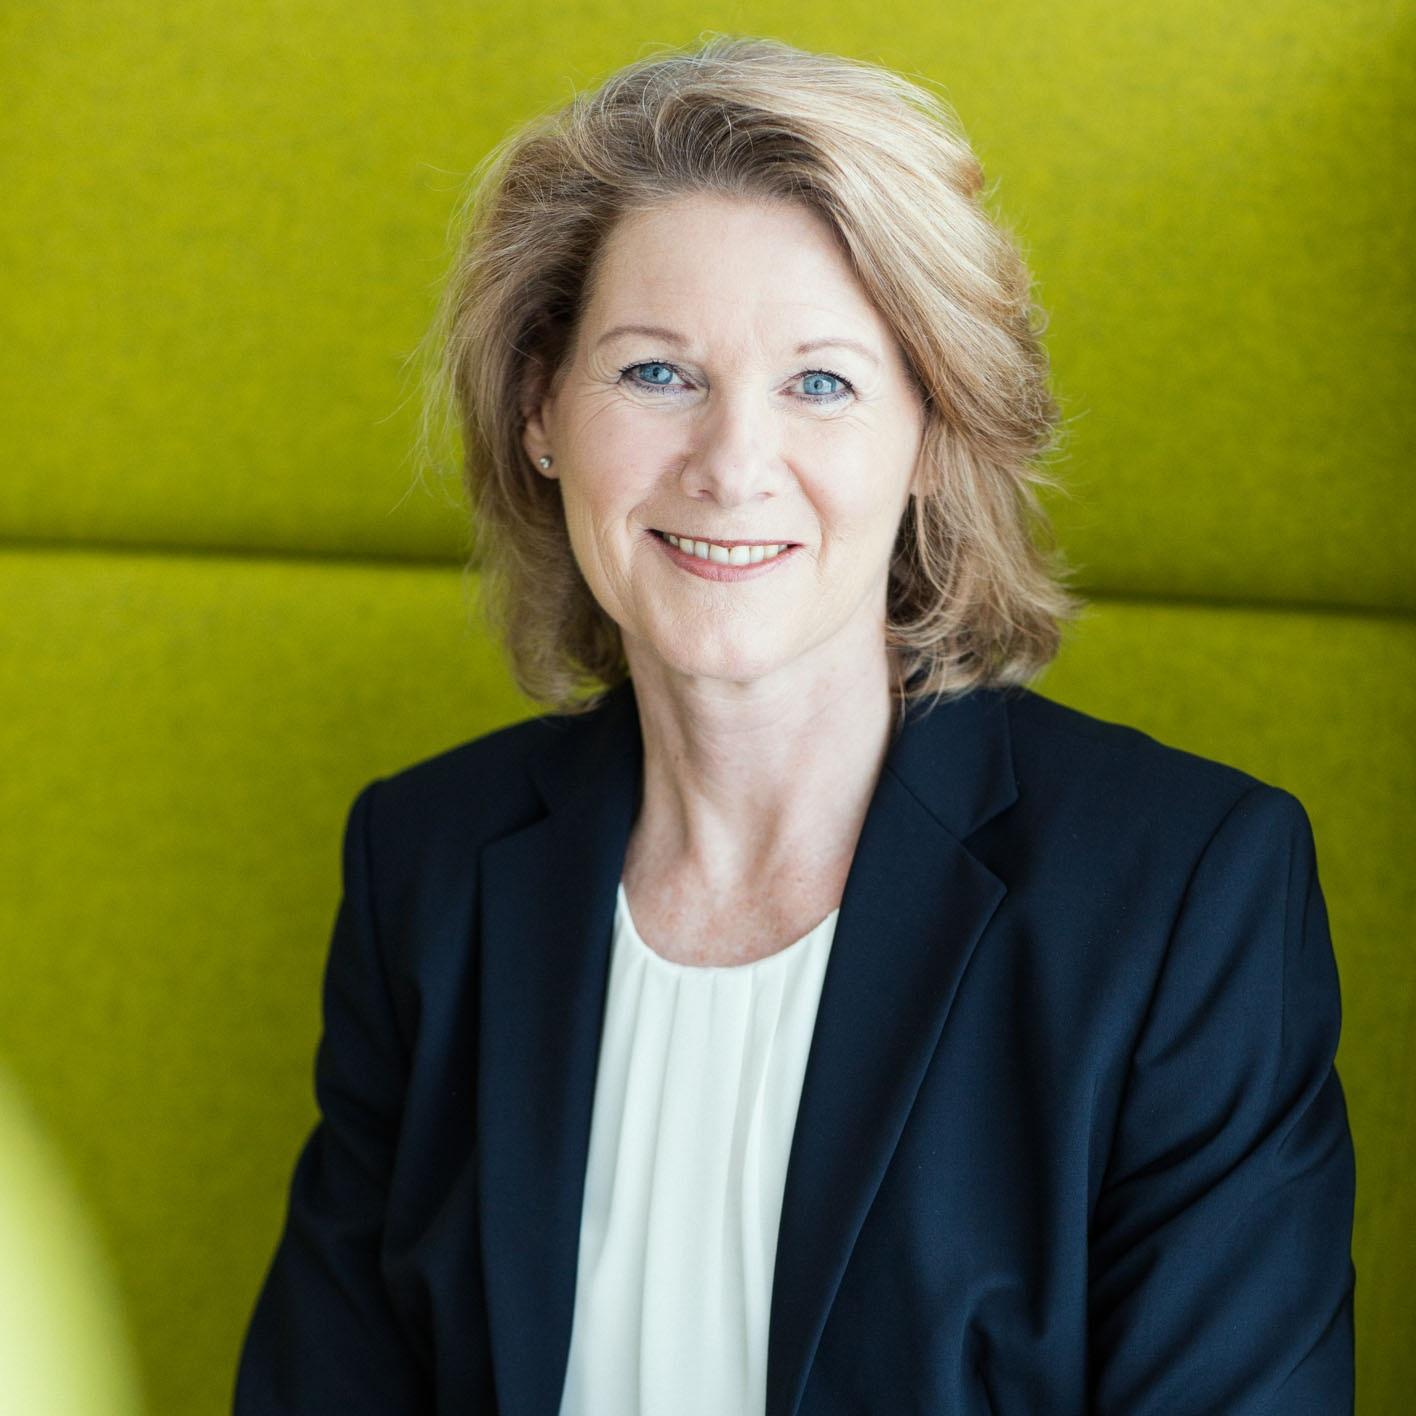 Britta-Balogh_-_Coaching-fuer-Unternehmen_-_Vortraege-fuer-Unternehmen_-_Foto-DAVID-SONNTAG-2019.jpg